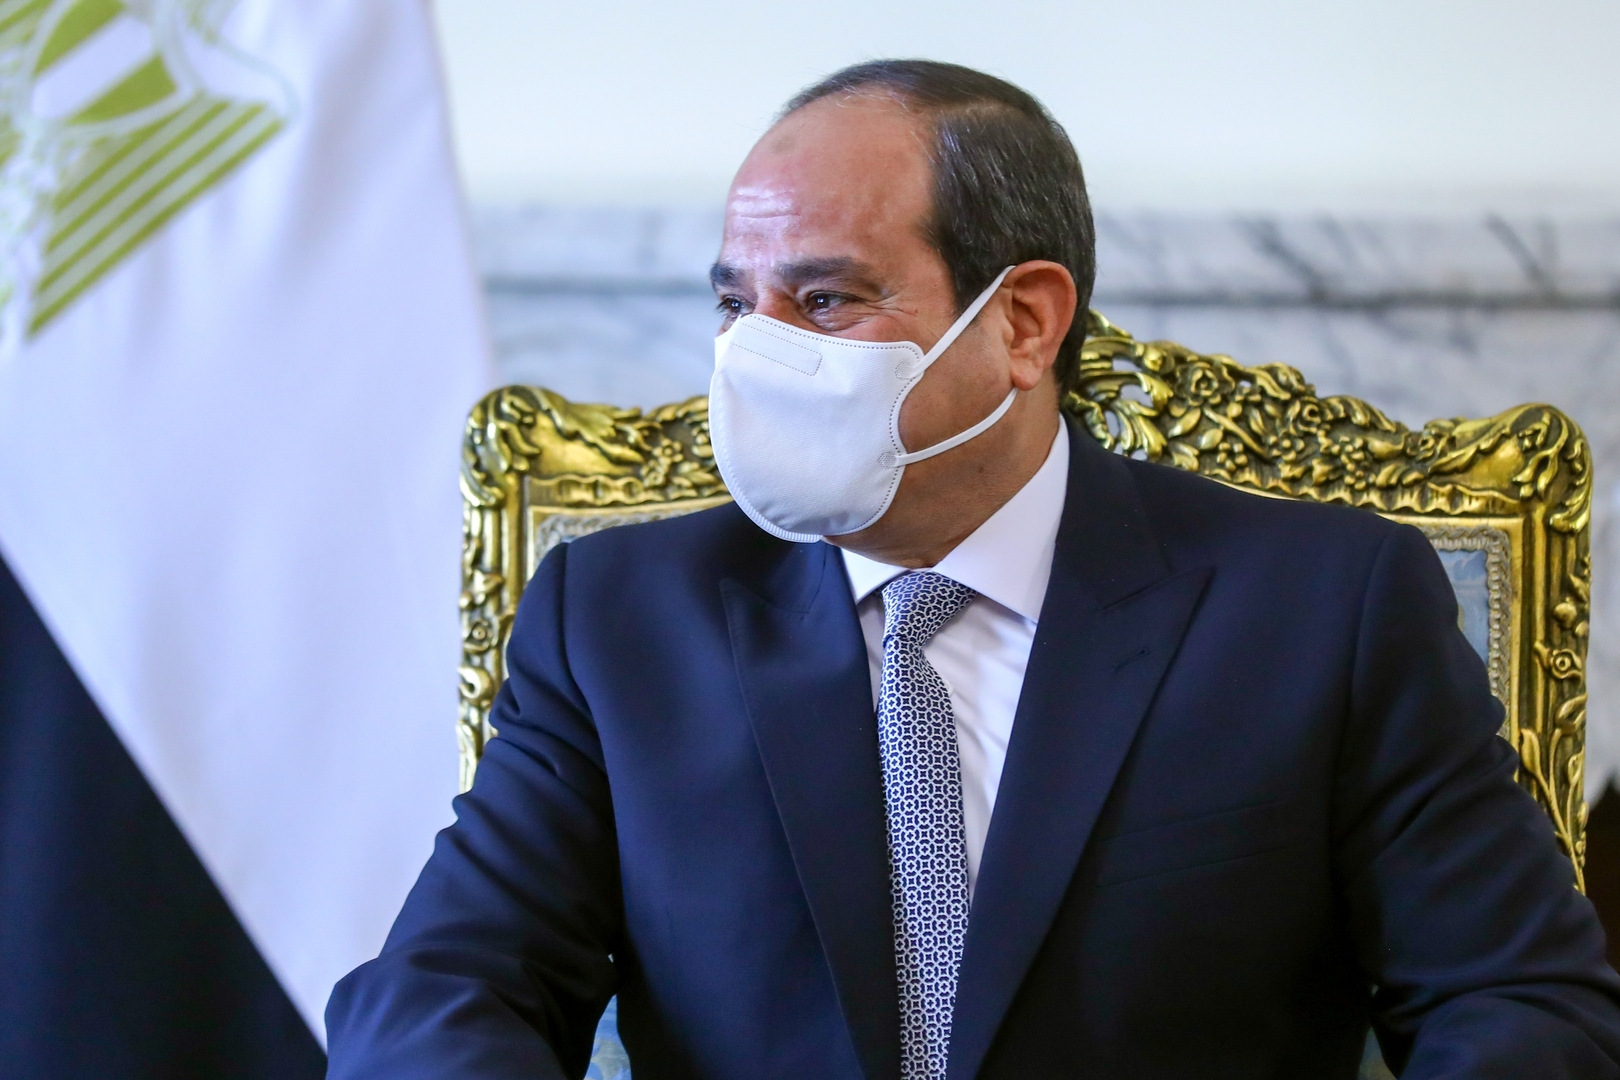 السيسي يحصي عدد السكان غير المصريين في مصر